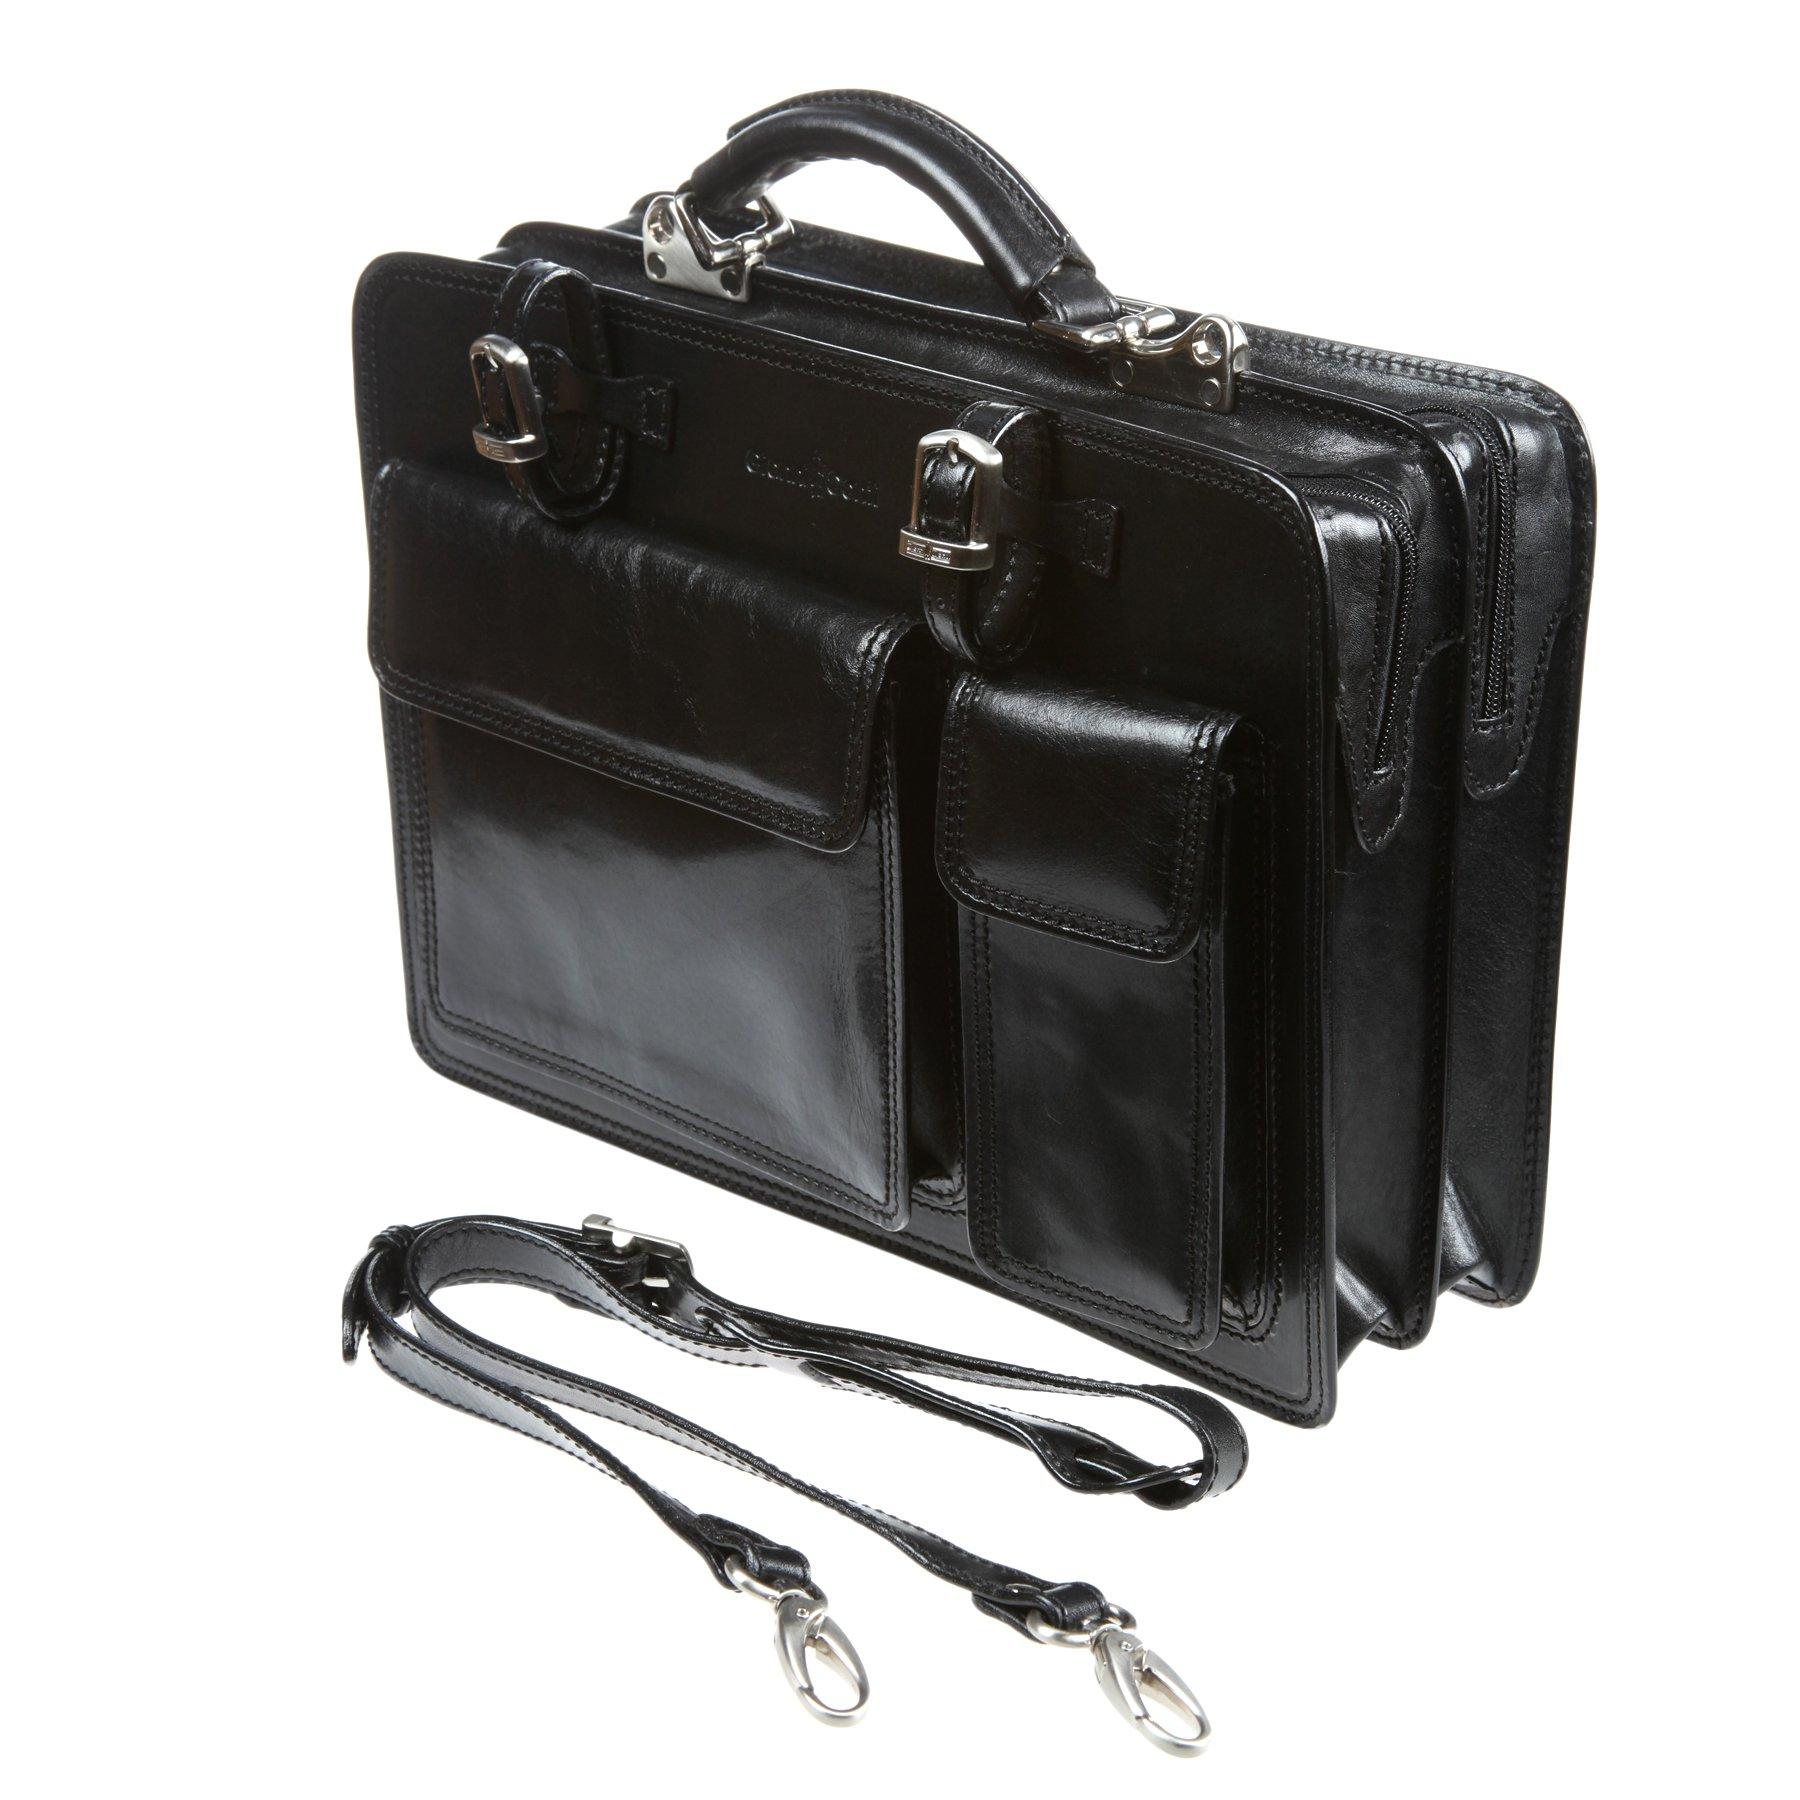 Портфель Gianni Conti 901010 black, 36x28 см, натуральная кожа, цвет чёрный — купить по цене 24 620 ₽ в интернет-магазине «Еврогалант»